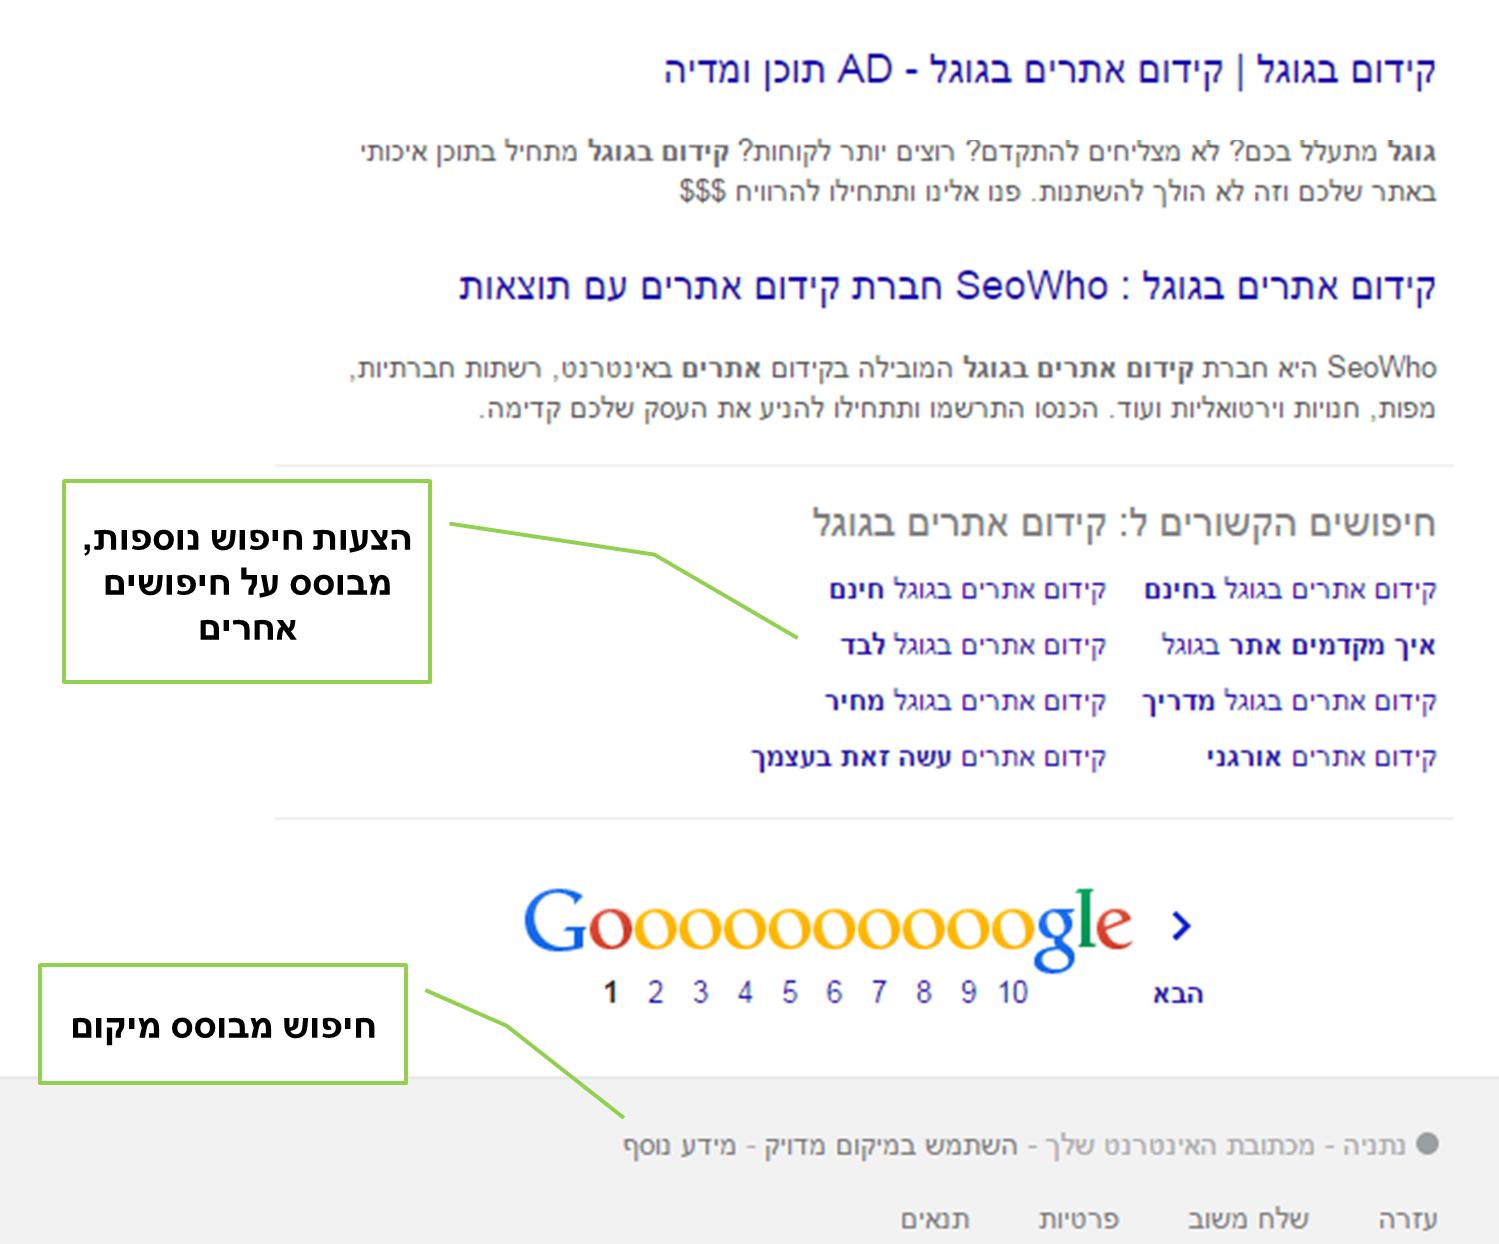 דף תוצאות החיפוש של גוגל